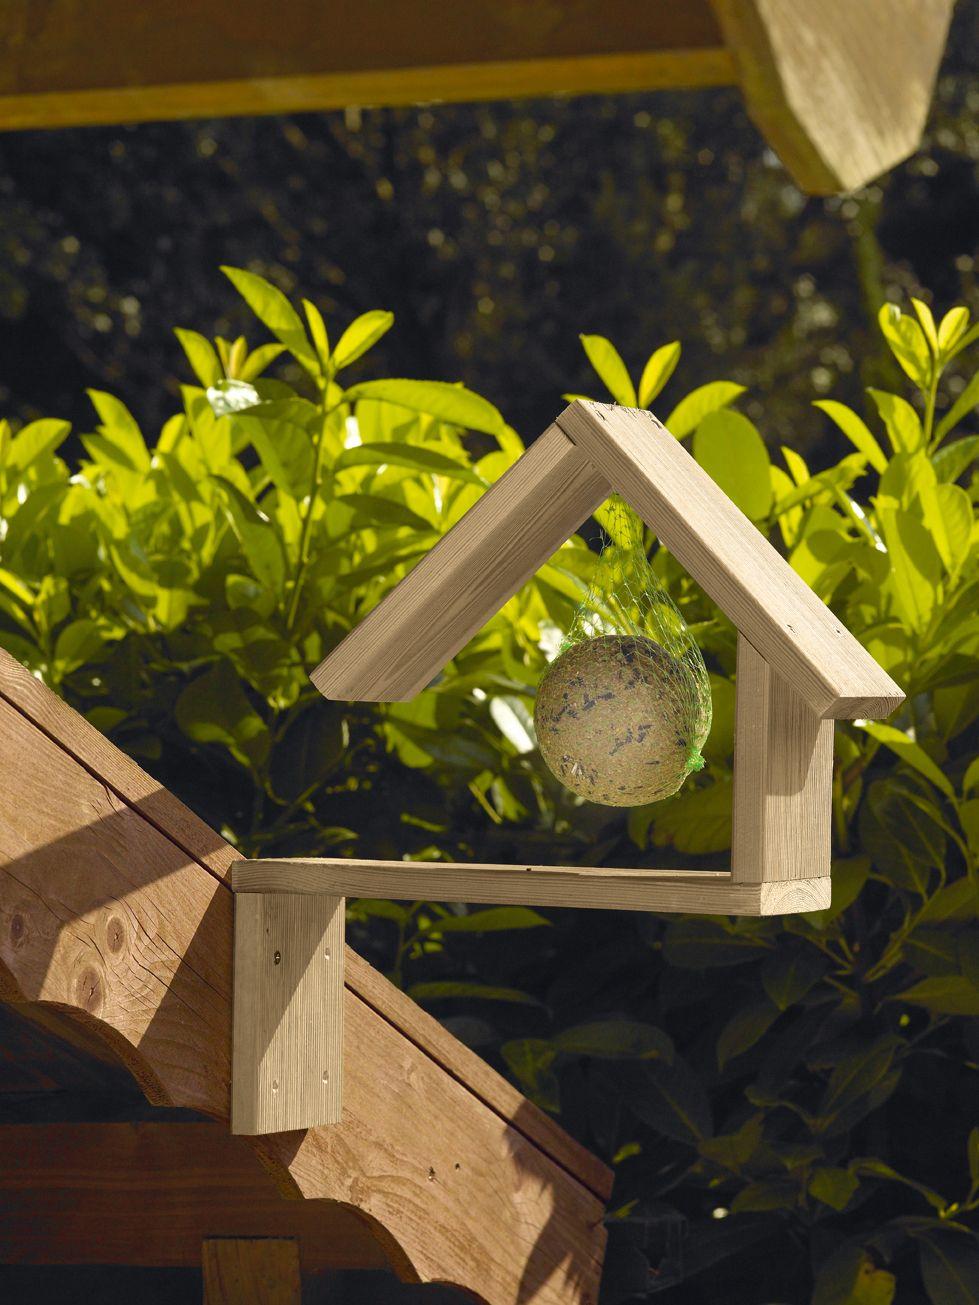 Vogelhaus Piepmatz Hier Geht S Zur Anleitung Vogelhaus Selber Bauen Vogelfutterhaus Selber Bauen Nistkasten Bauen